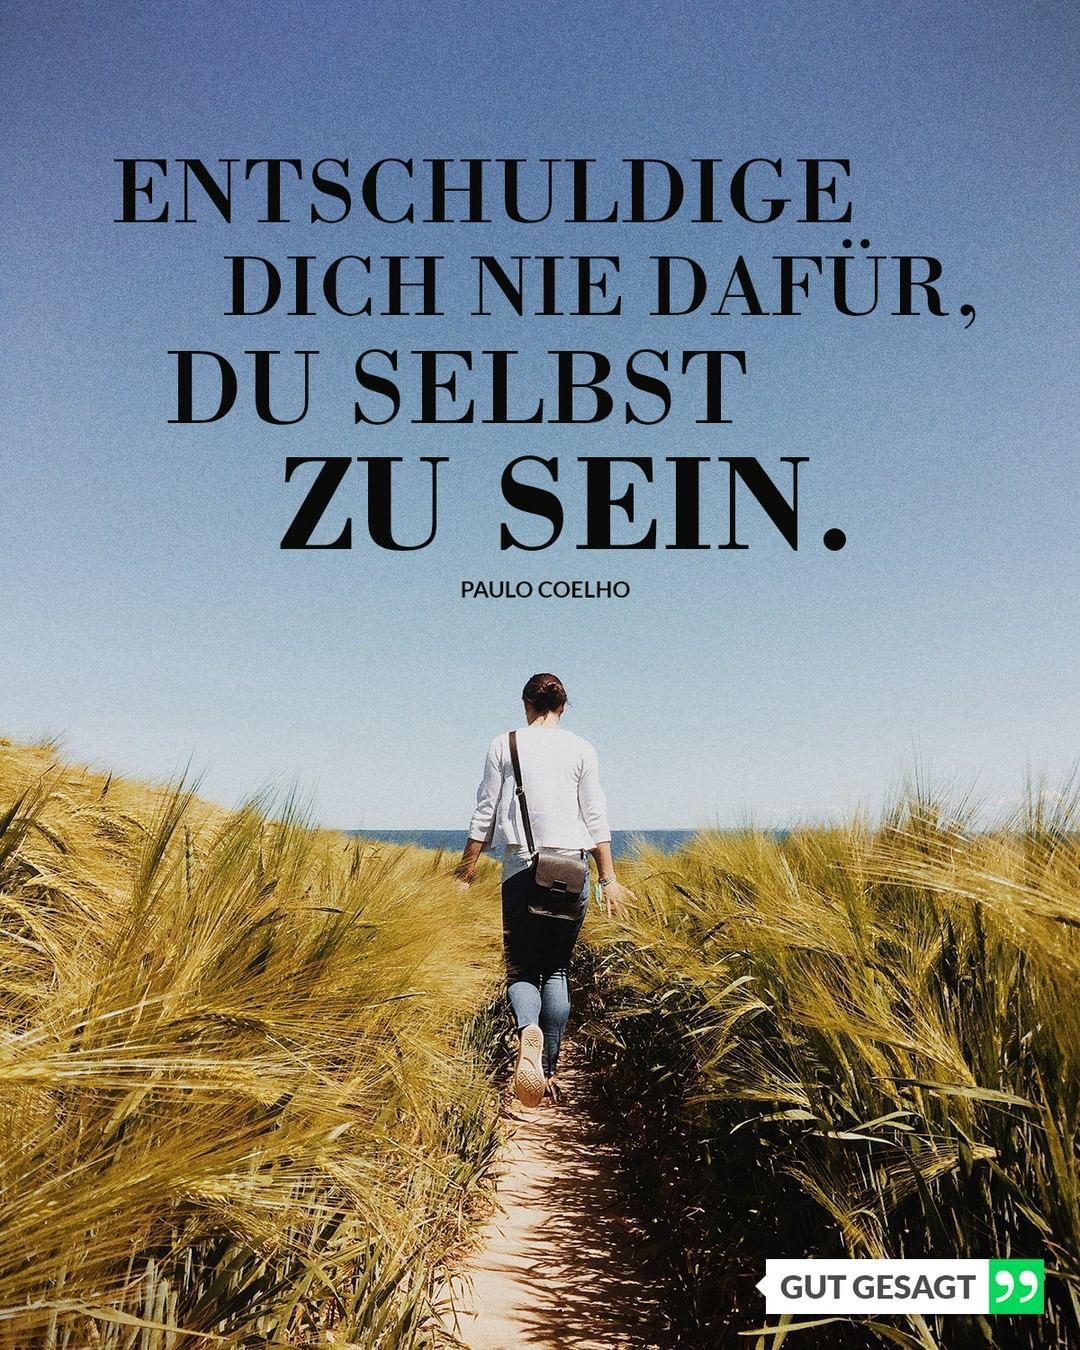 #zitat #zitate #spruch #sprüche #zitatdestages #spruchdestages #zitateundspruech